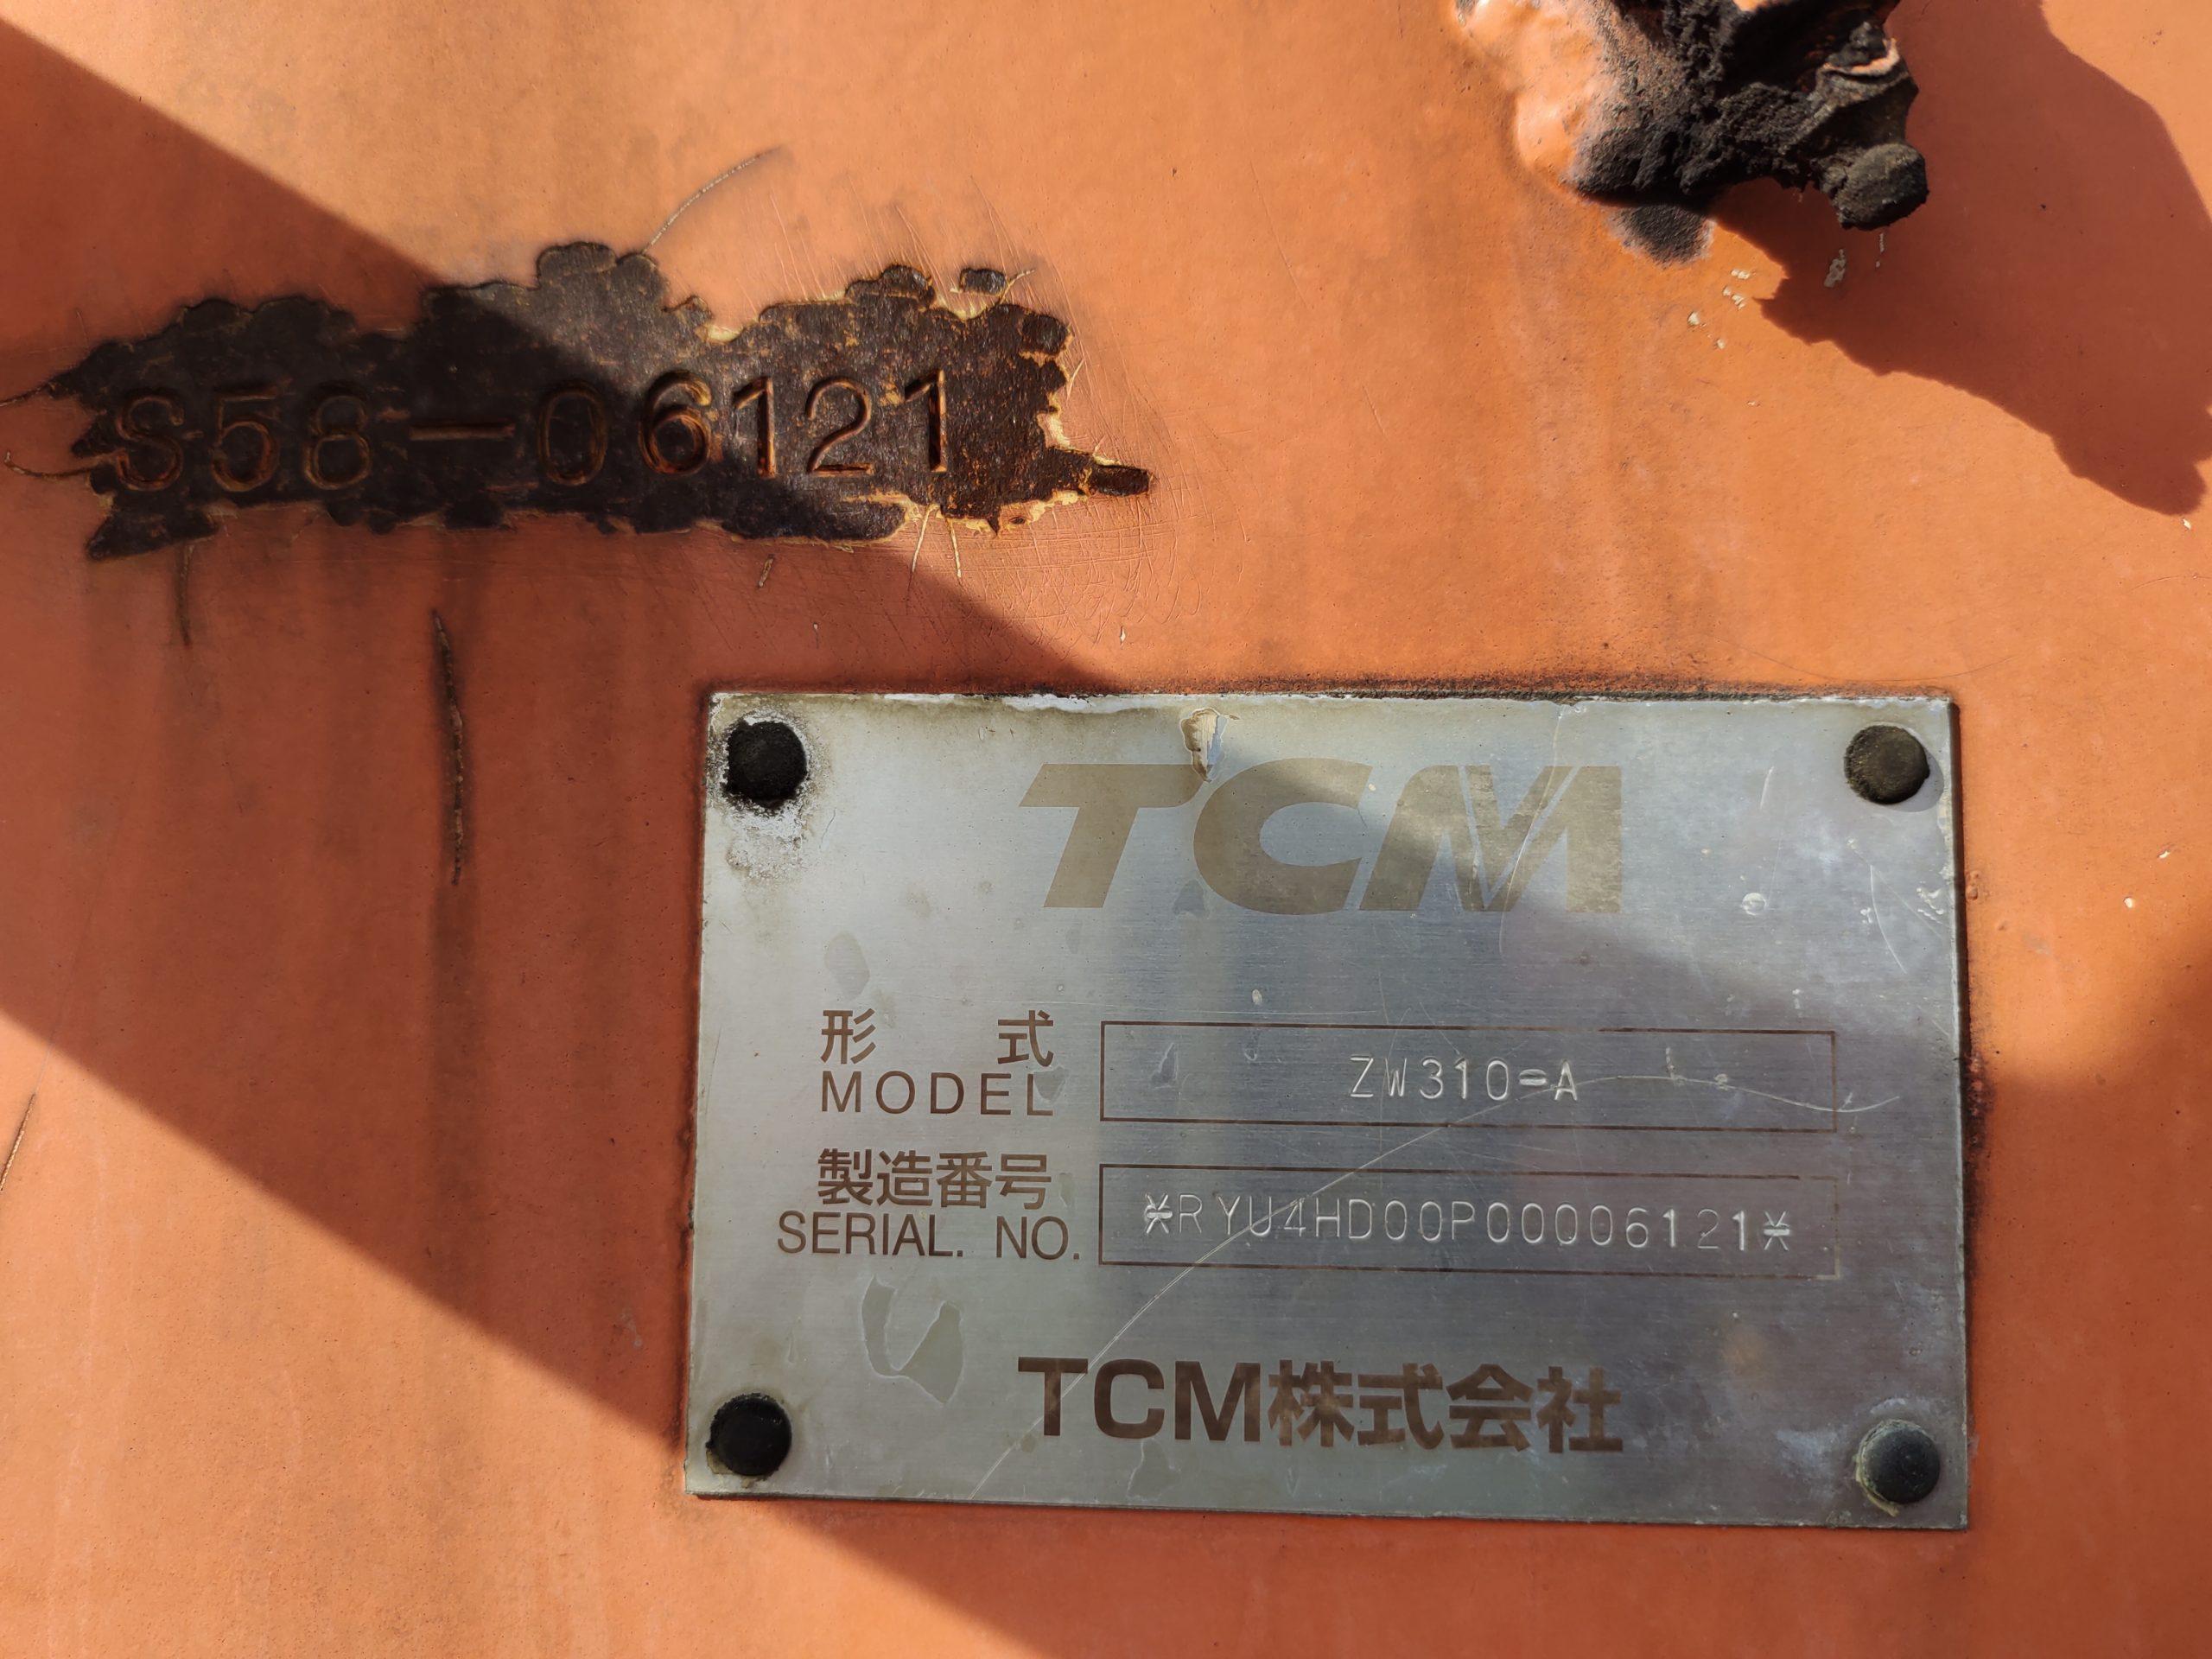 TCM-ZW310A-S58-06121 (5)